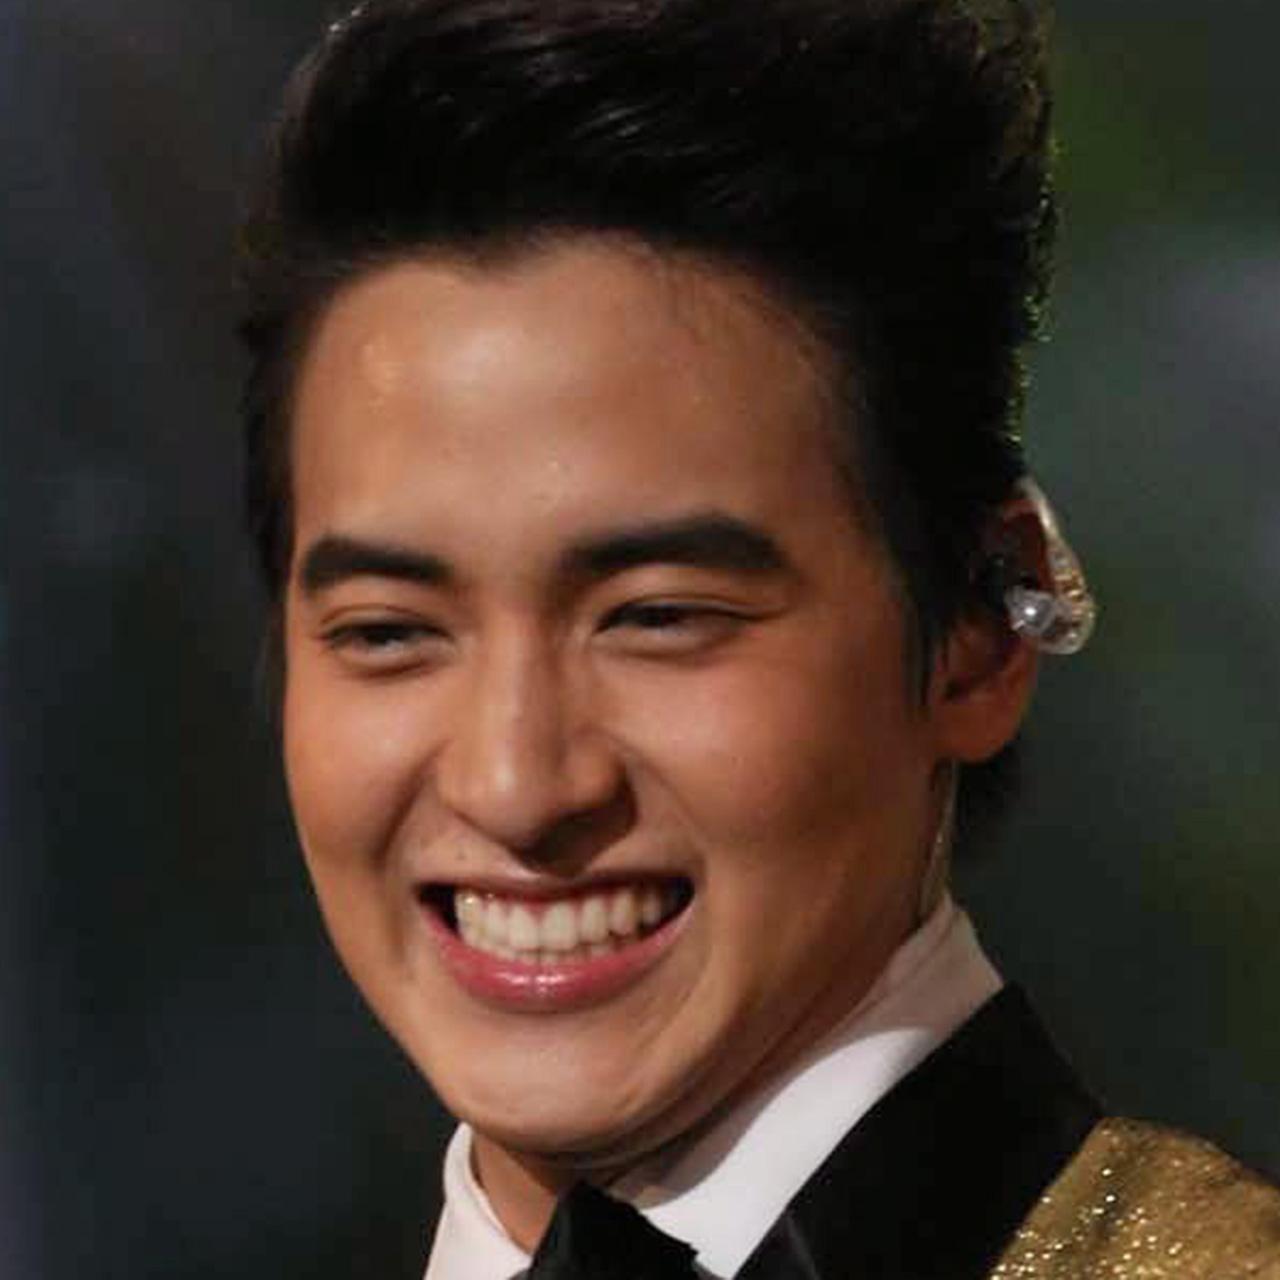 สมกับไปร่ำเรียนที่เกาหลี เพราะได้ เห็นสเต็ปเทพของ เจมส์จิ ก็ตอนเต้นแบตเทิลกะ ฮั่น เดอะสตาร์ นี่แหละ บอกเลย เคป๊อปก็เคป๊อป เหอะ.